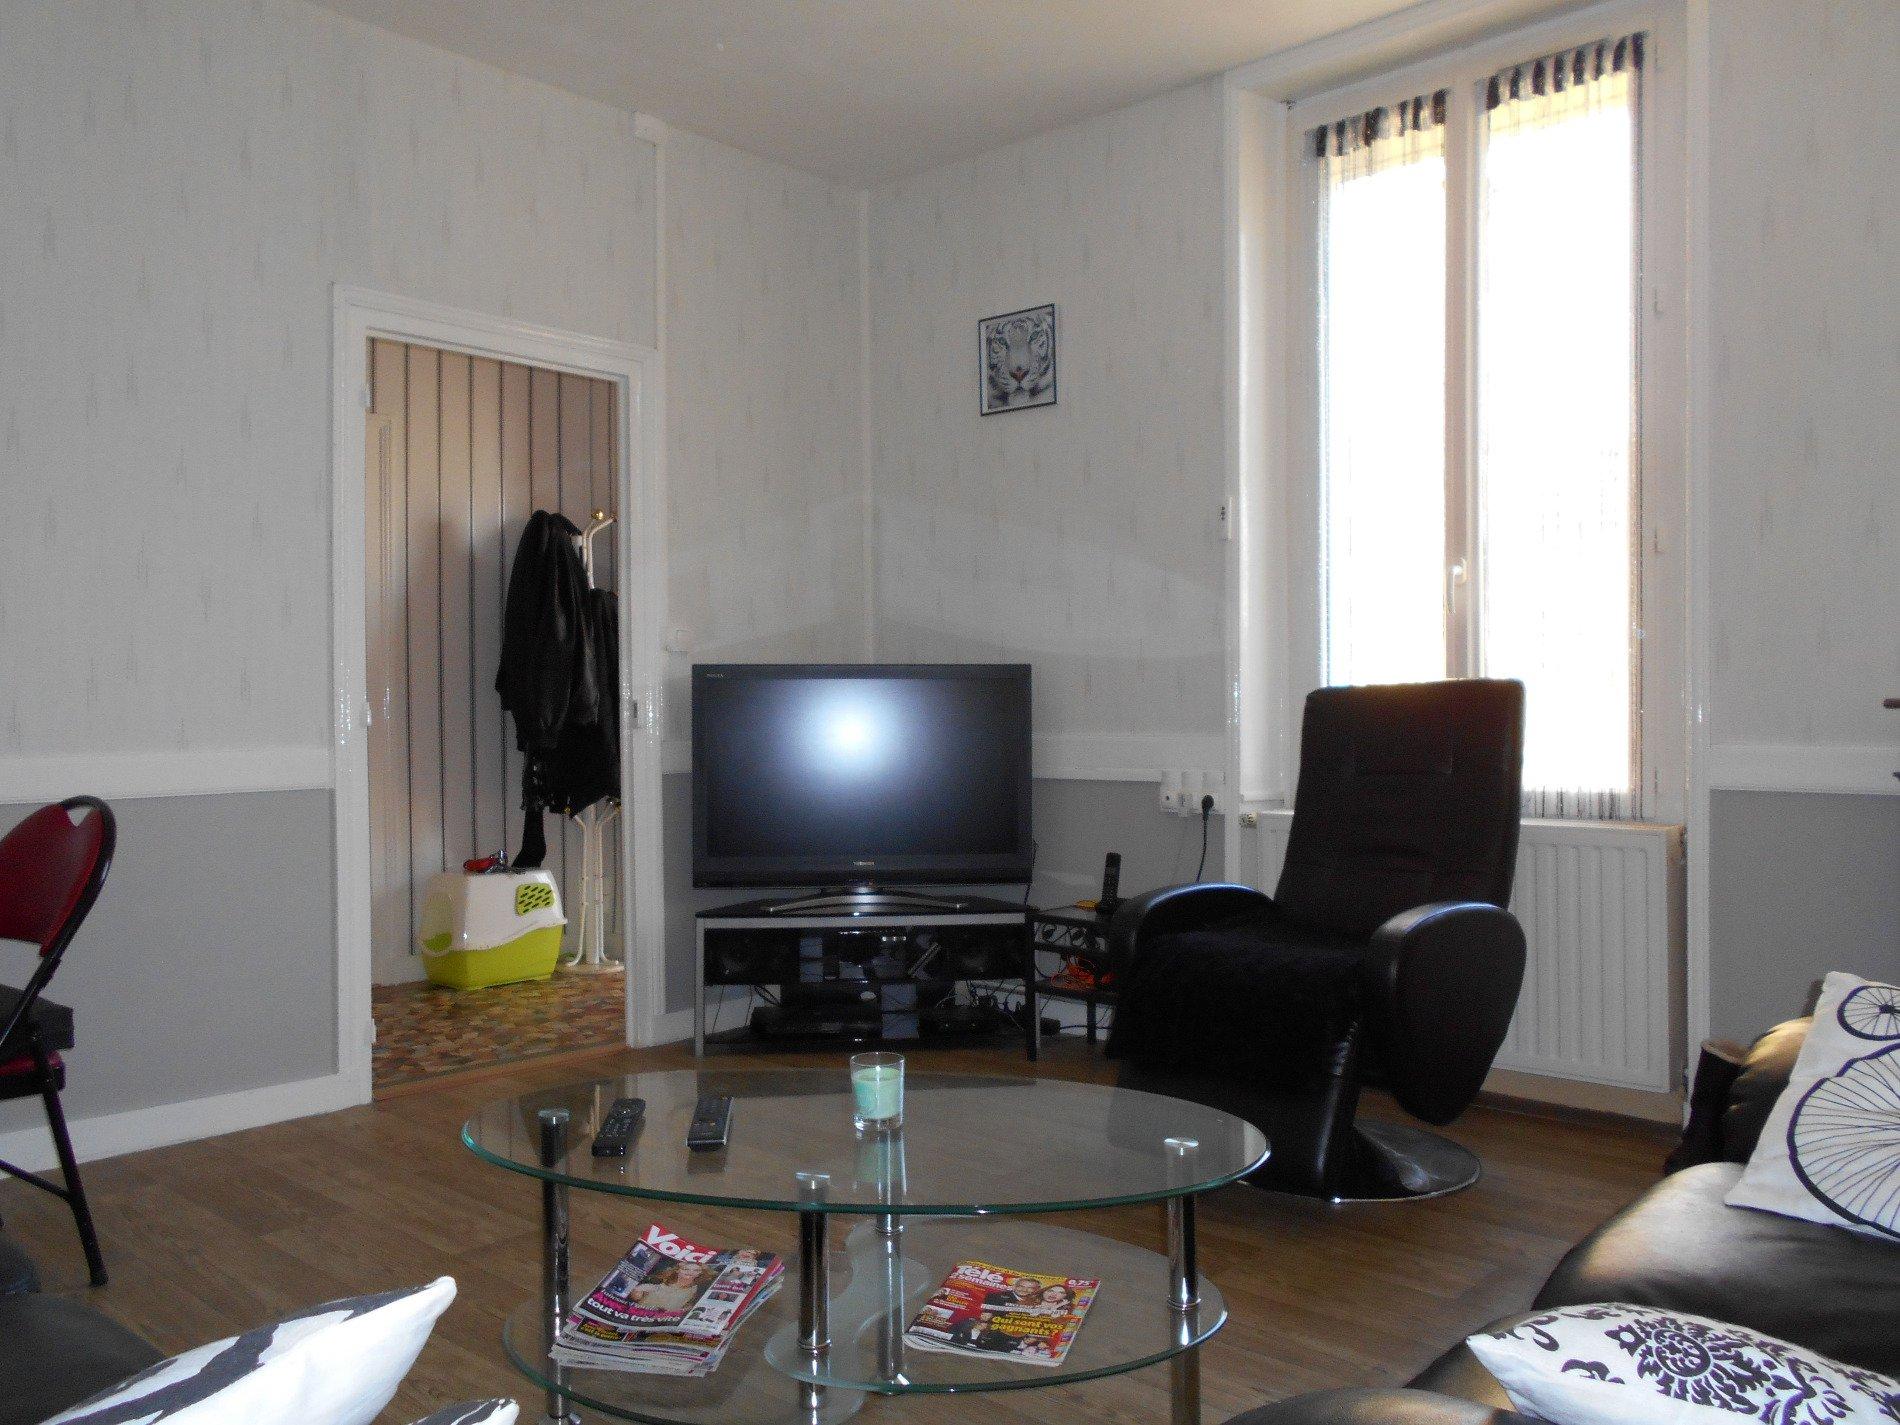 Maison à Thouars ideal pour investissement locatif